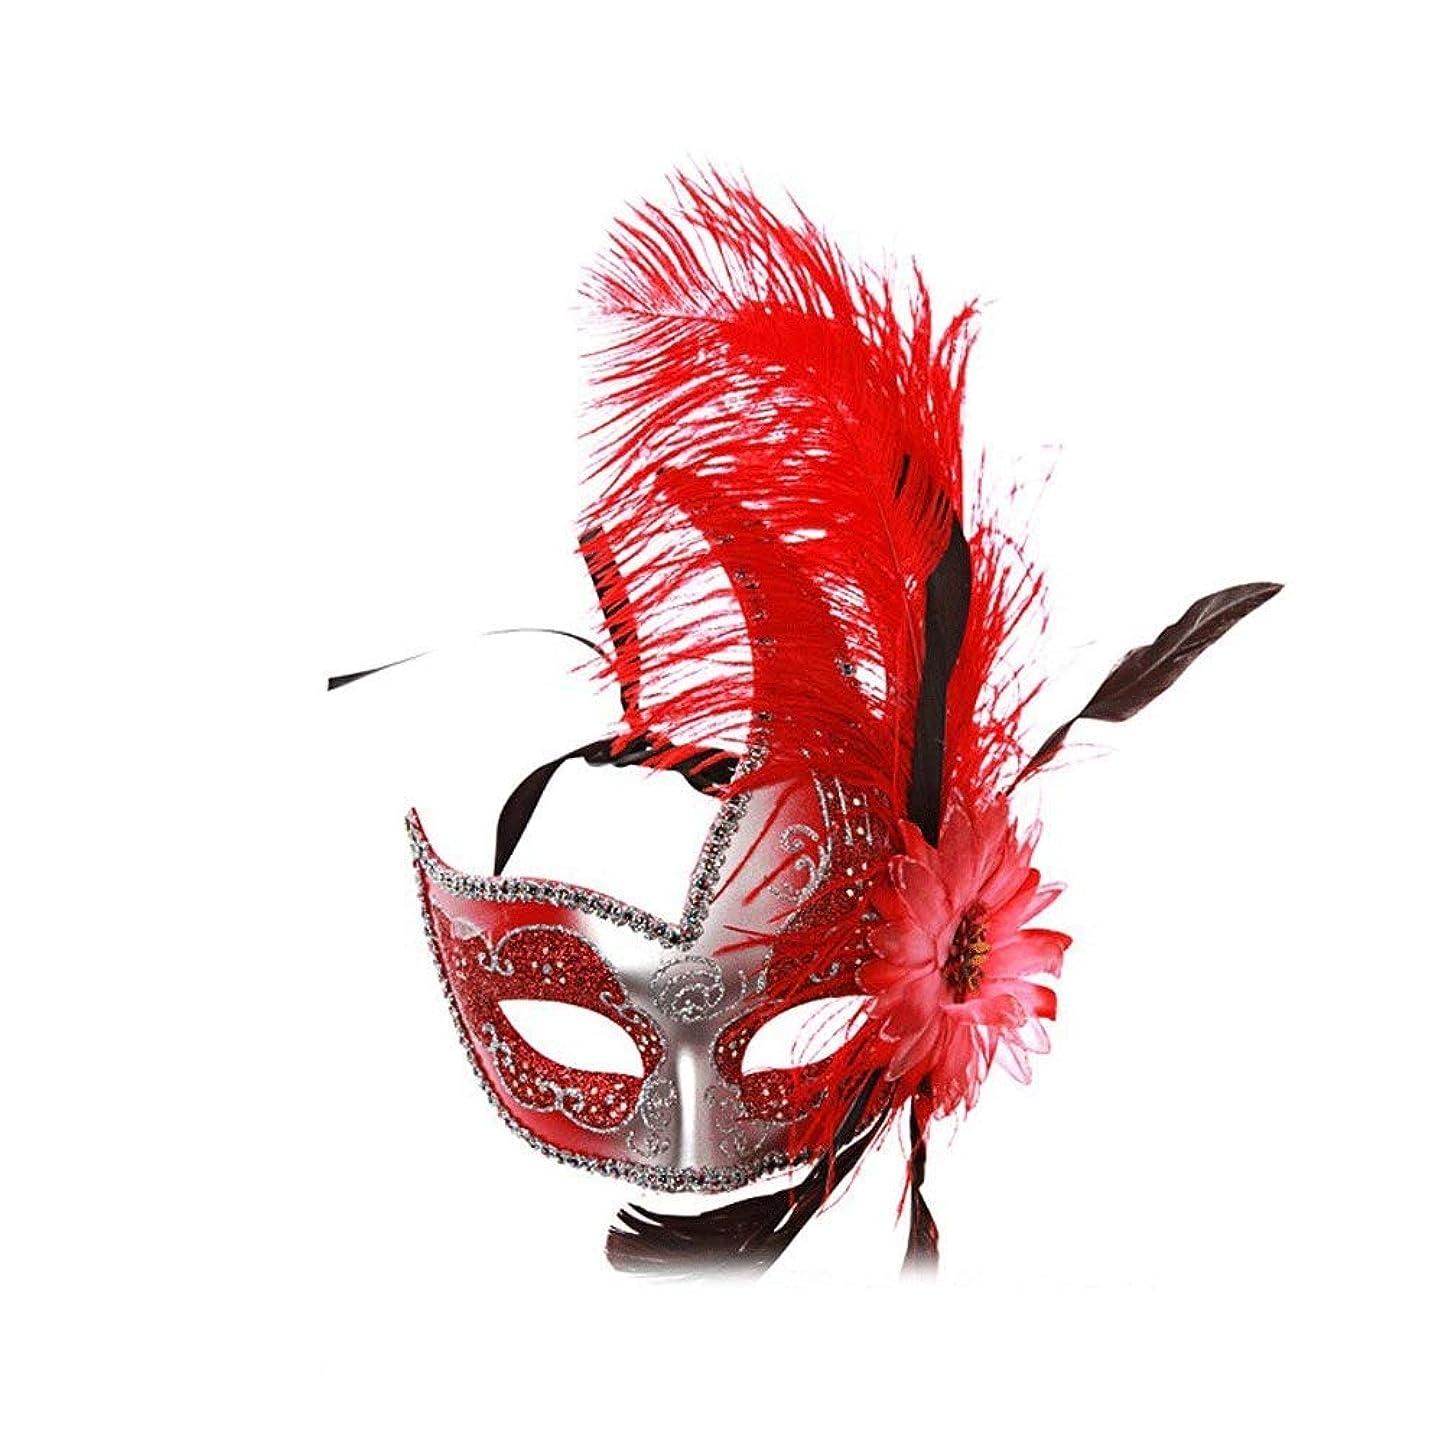 非常に貝殻支援Nanle ハロウィンマスクハーフフェザーマスクベニスプリンセスマスク美容レース仮面ライダーコスプレ (色 : Style B red)